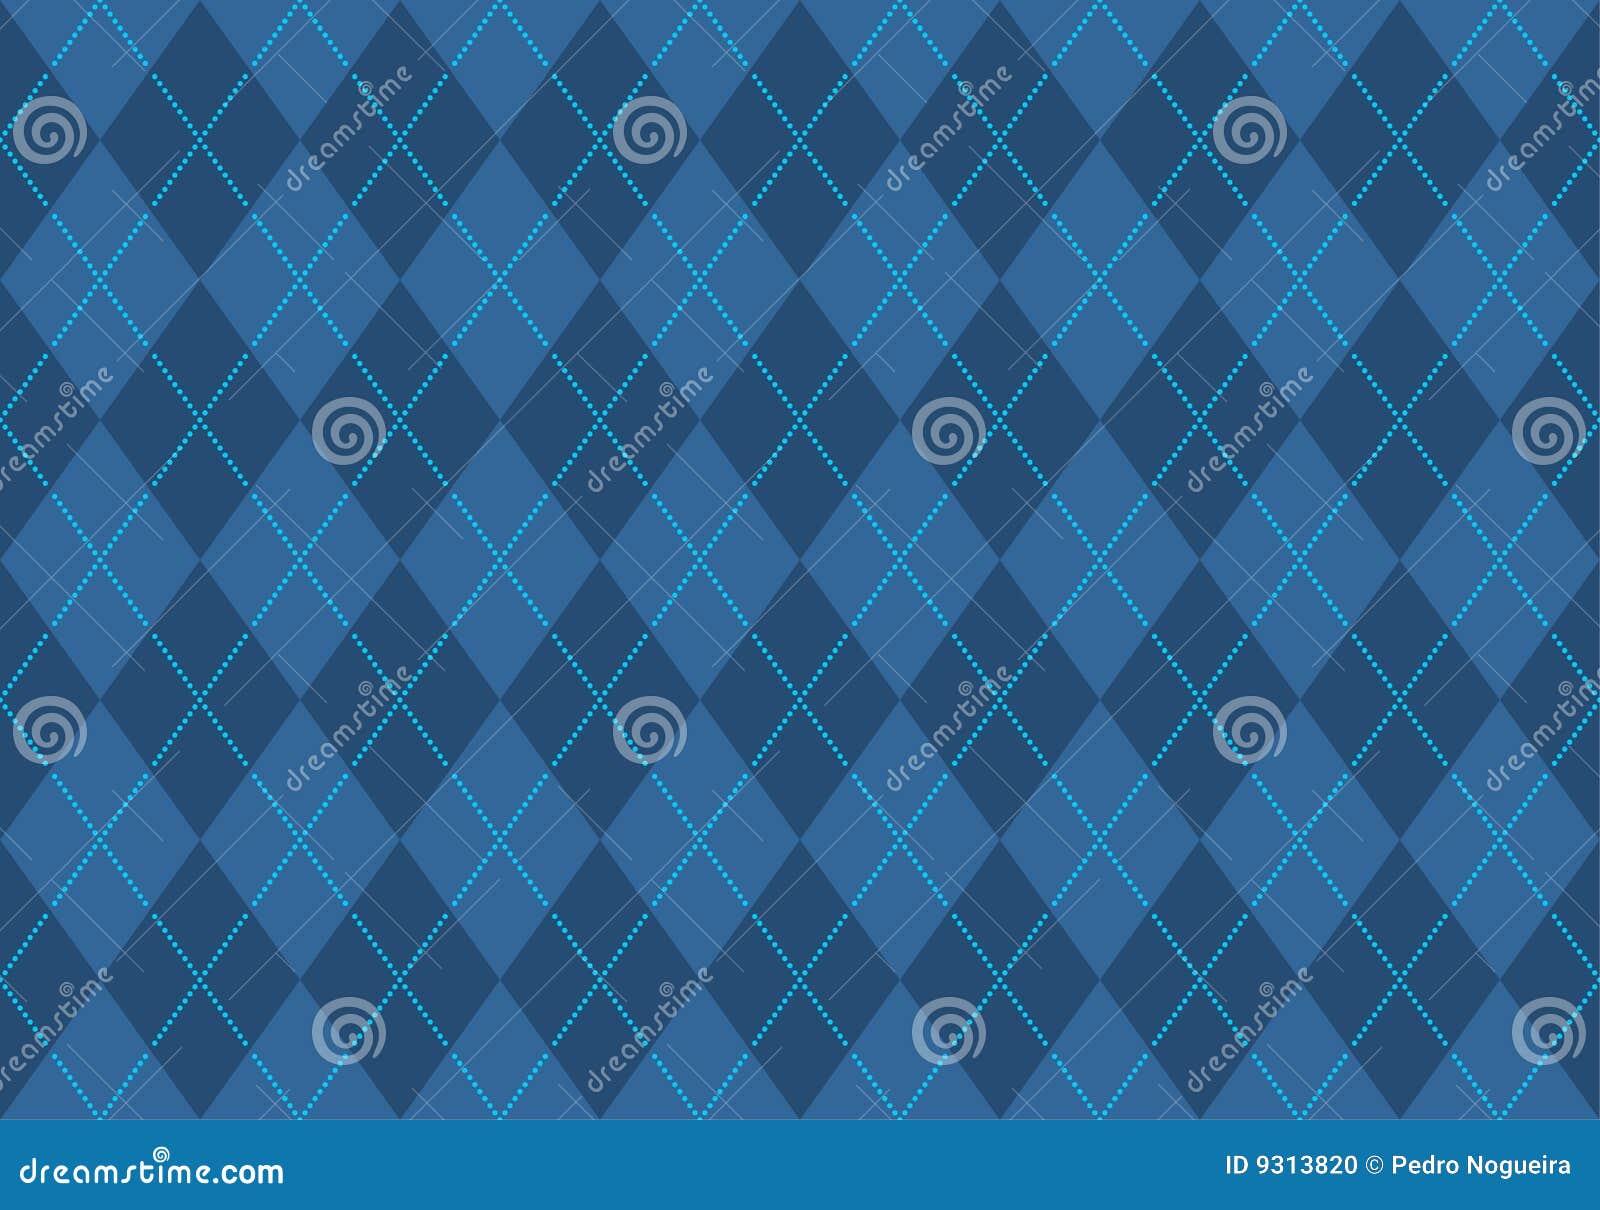 Blaue Argyle Tapete Stockfoto - Bild: 9313820